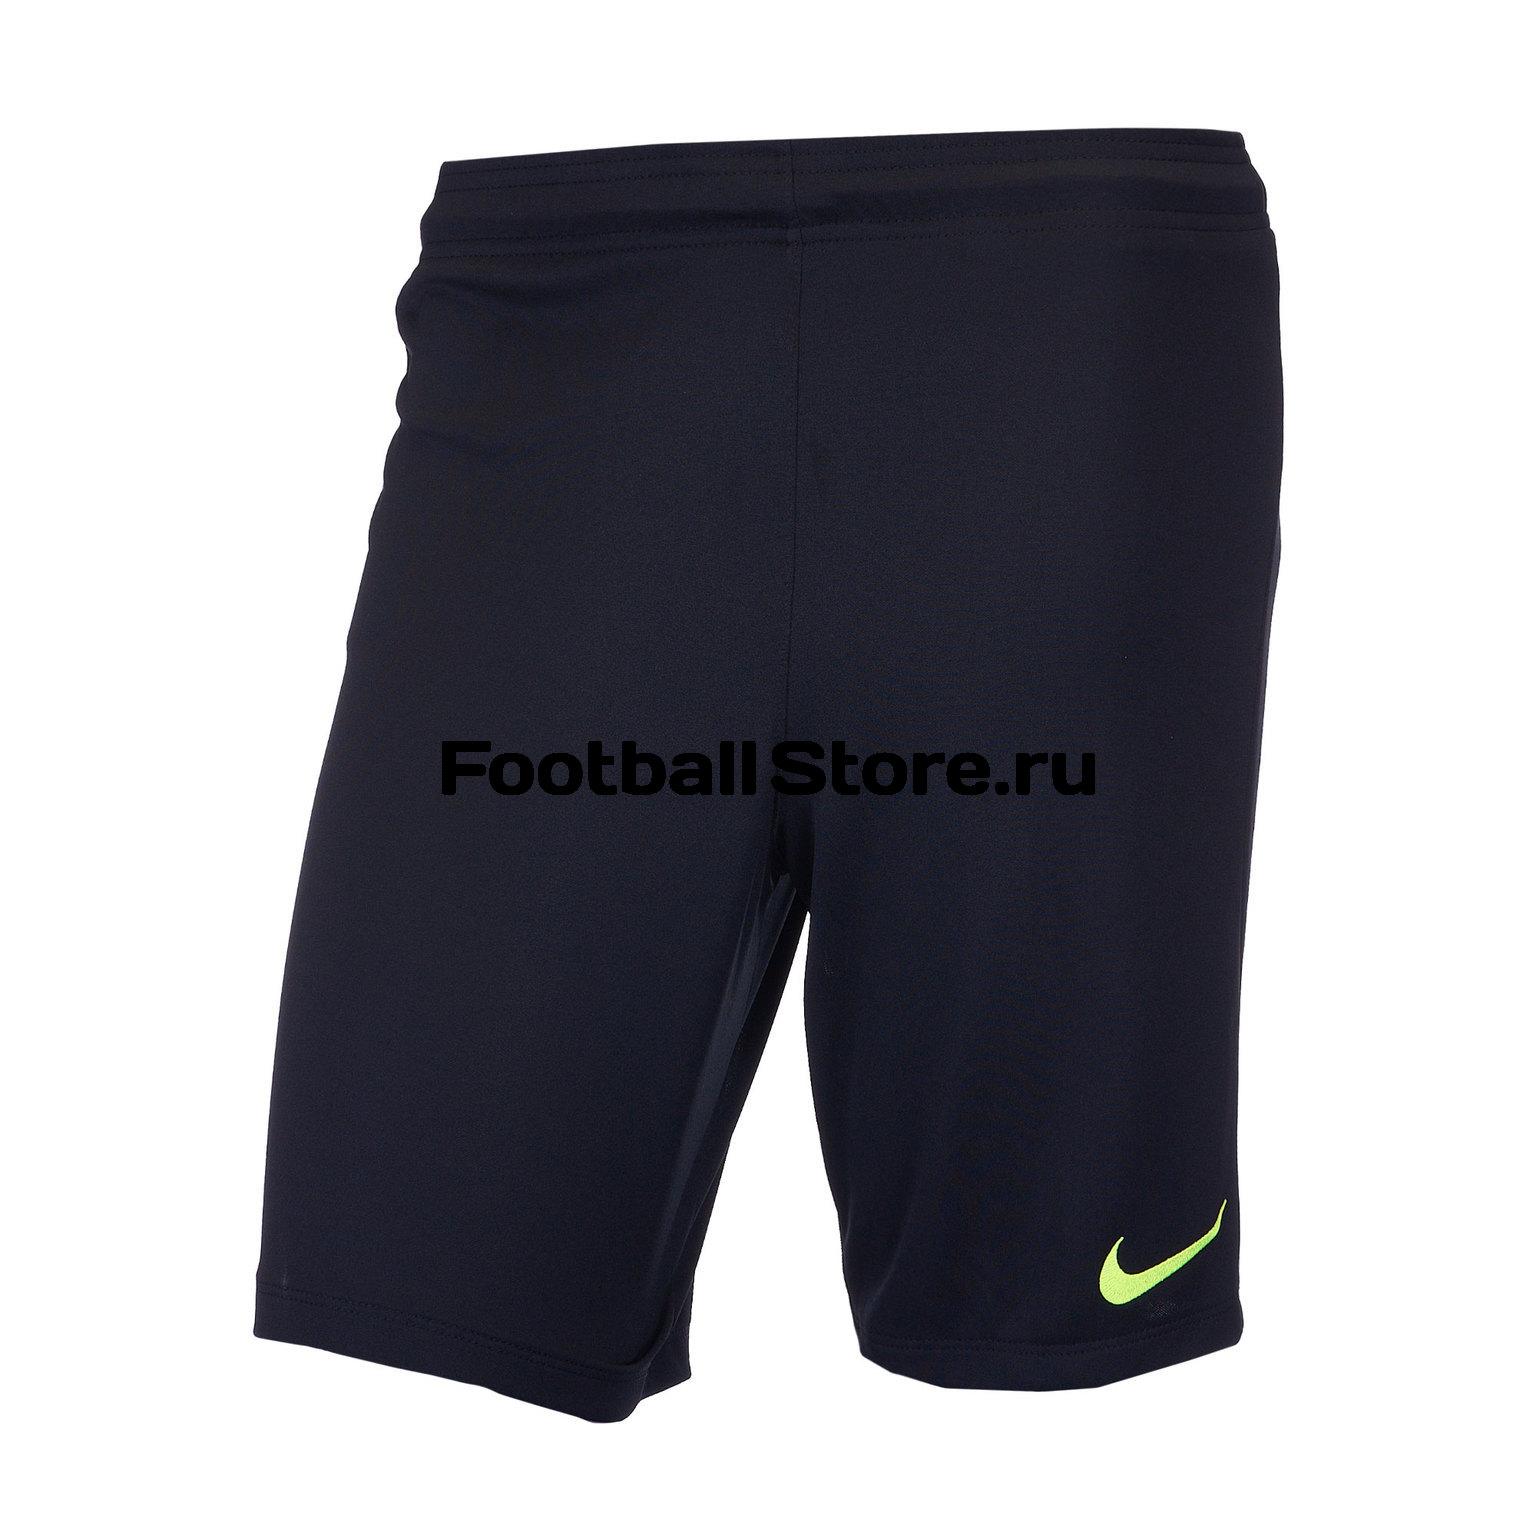 Игровые шорты Nike League Knit Short NB 725881-012